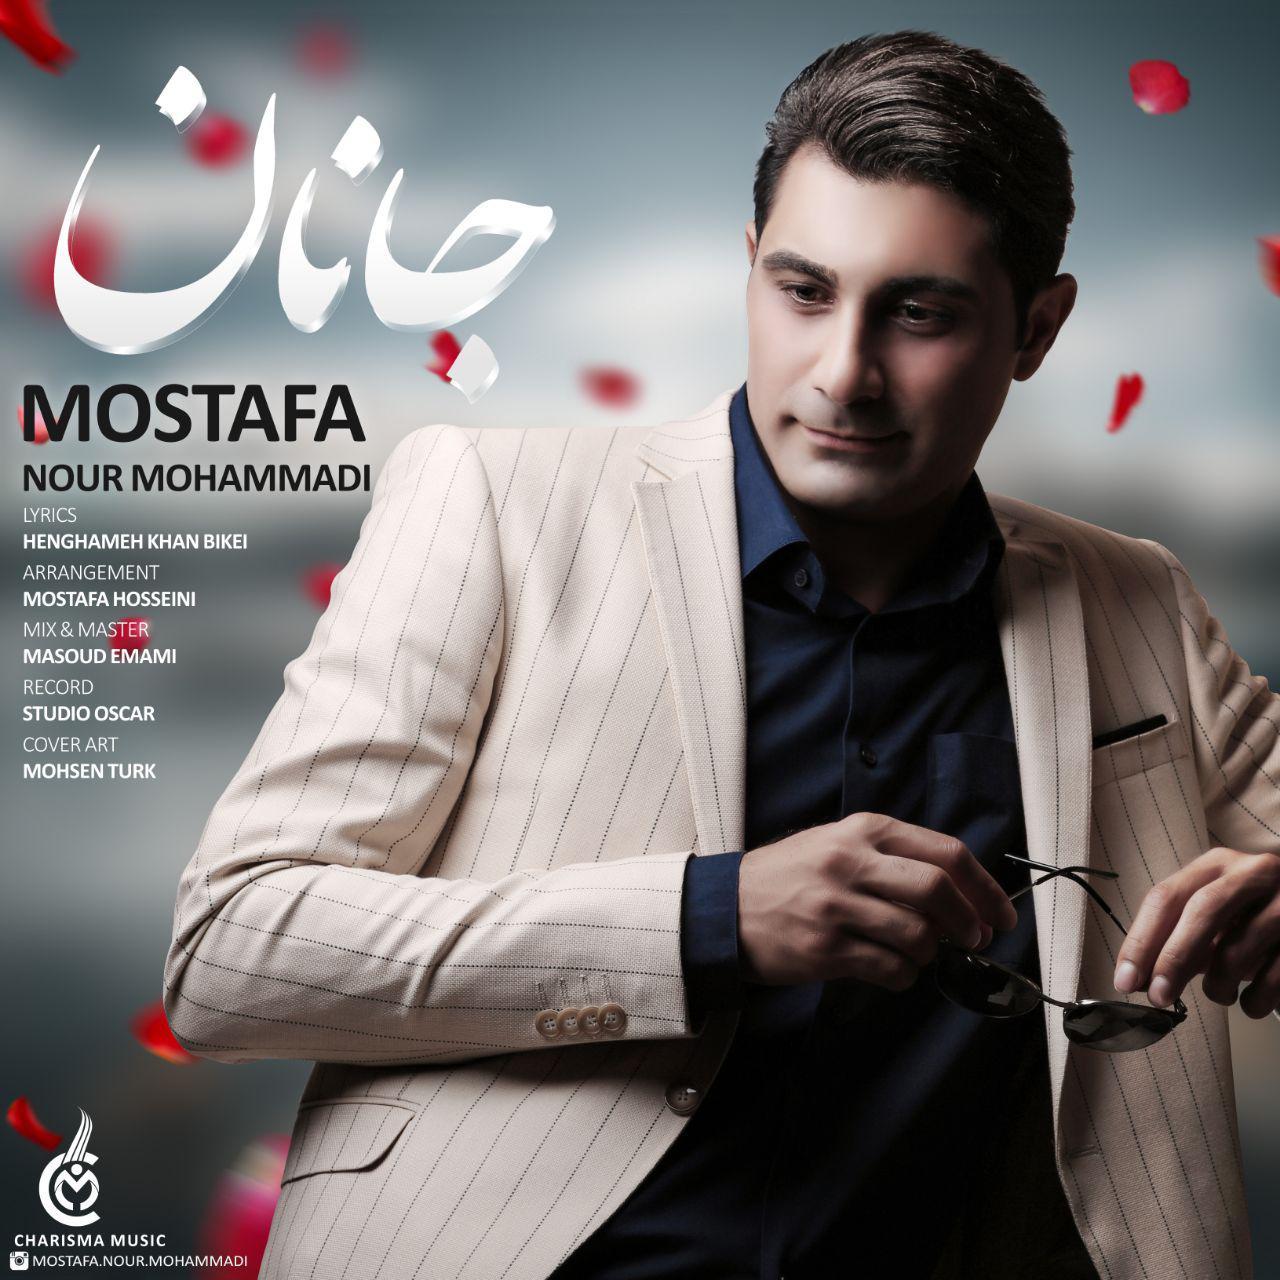 آهنگ جدید کاریزما بند (مصطفی نورمحمدی) به نام جانان